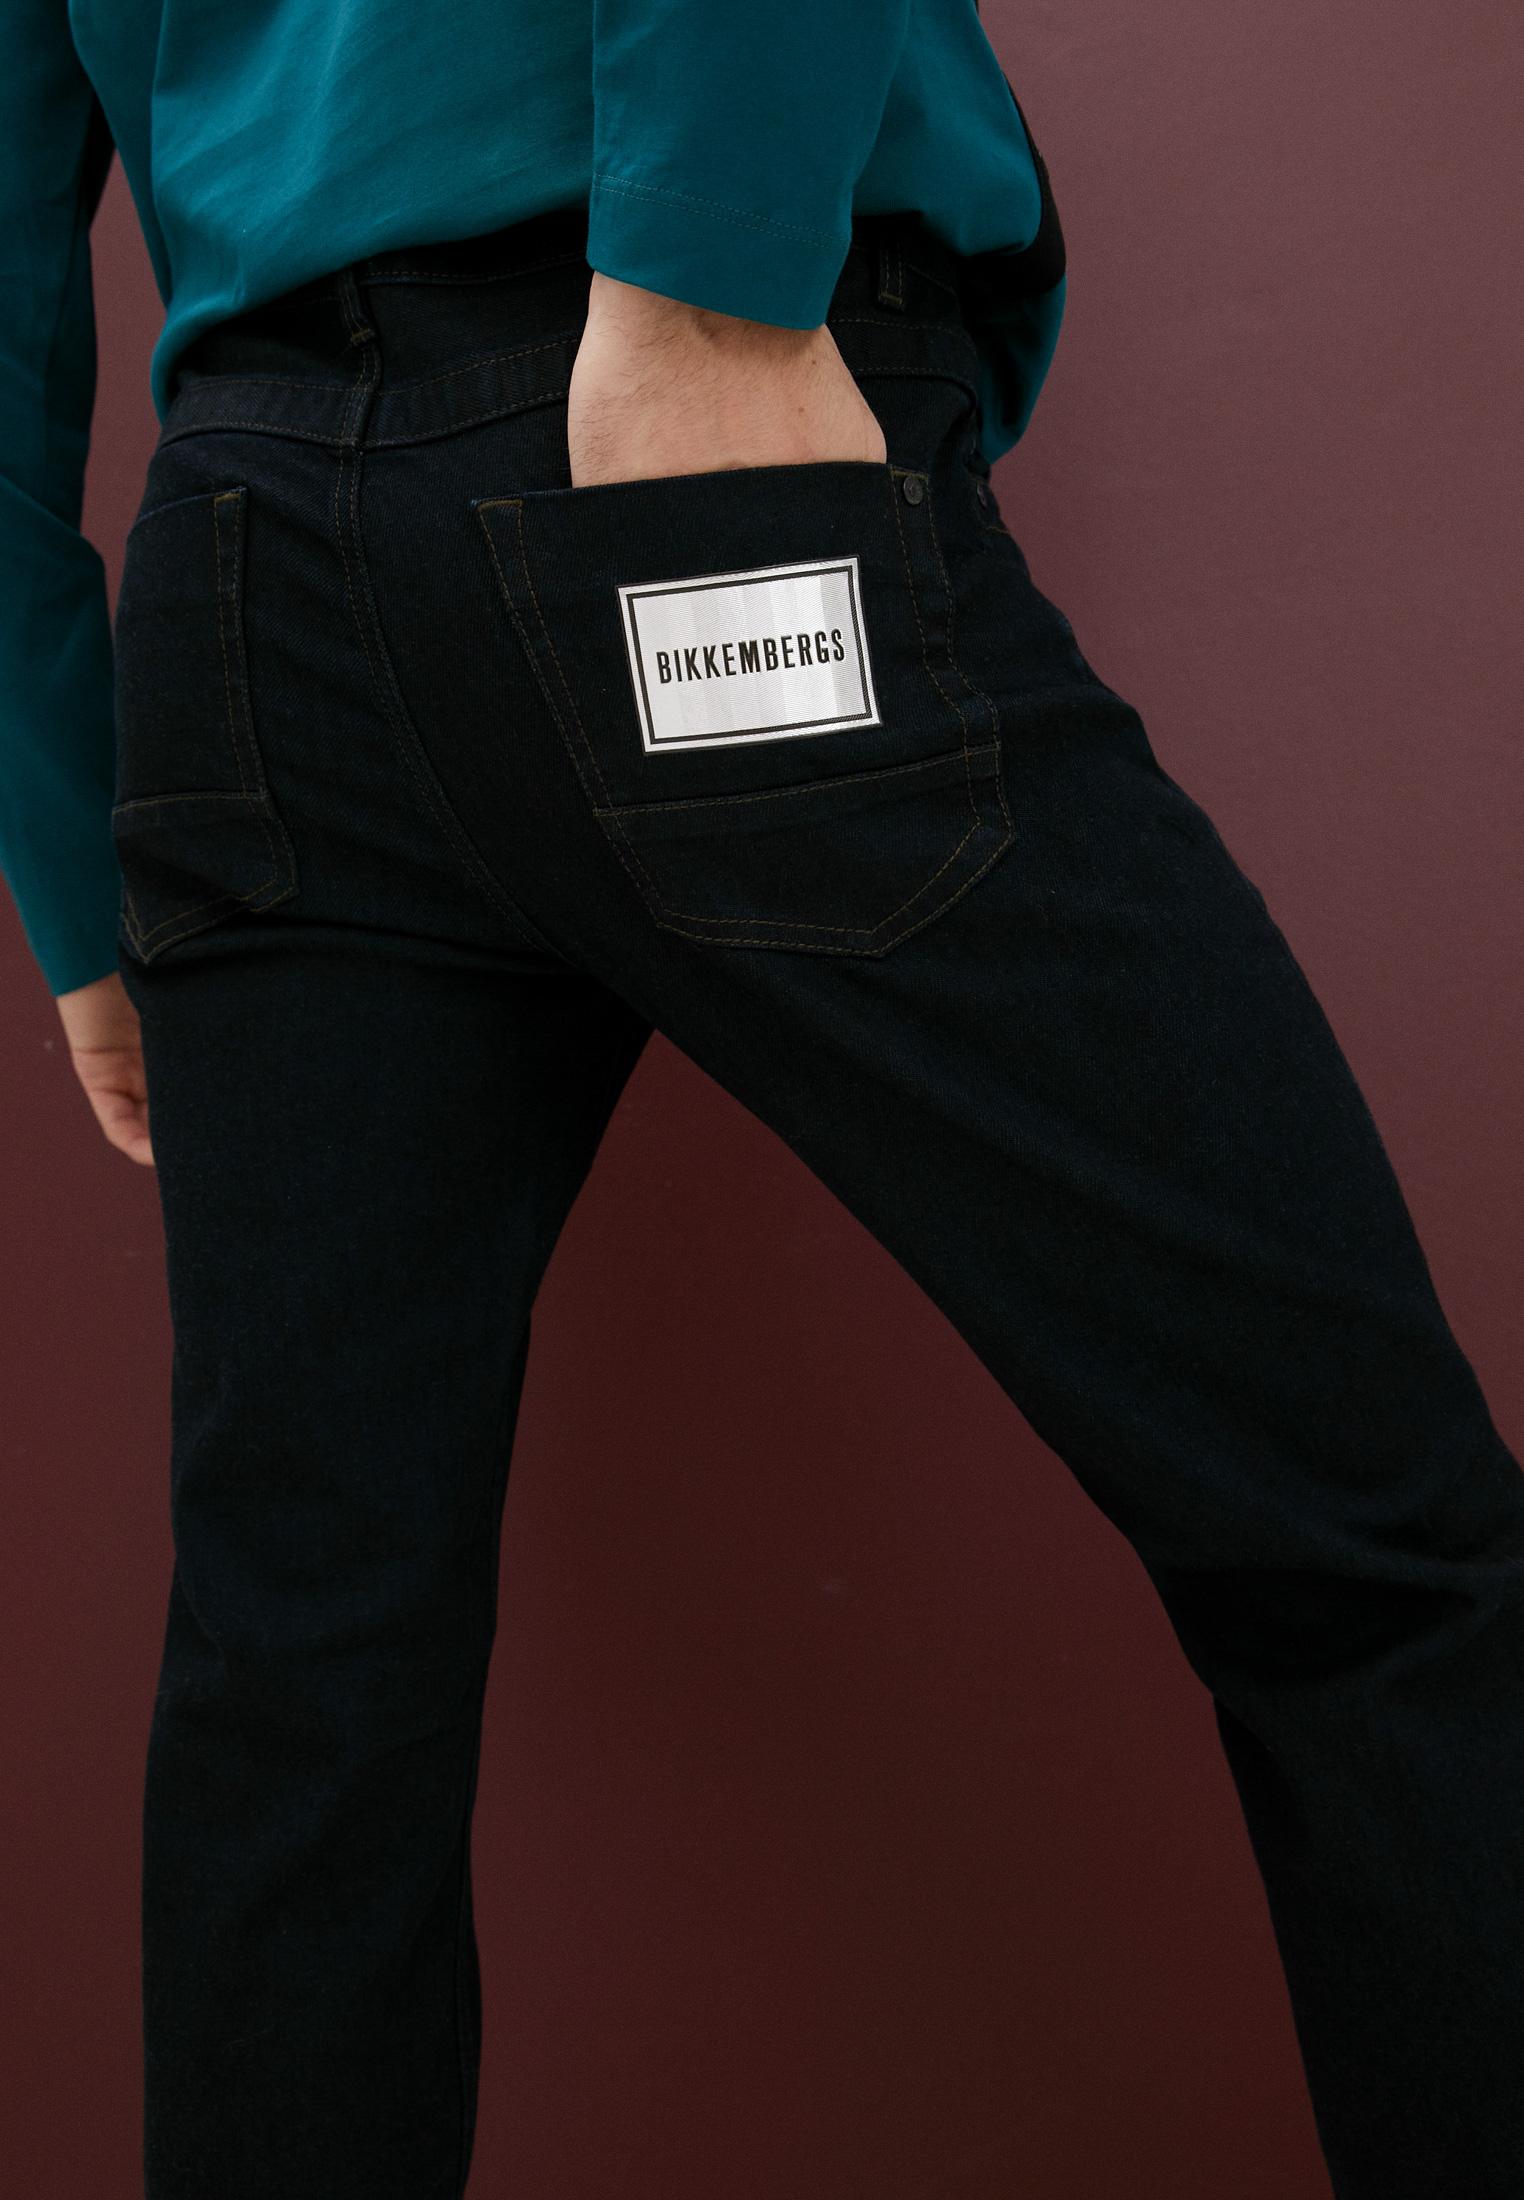 Мужские прямые джинсы Bikkembergs (Биккембергс) C Q 101 01 S 3333: изображение 12